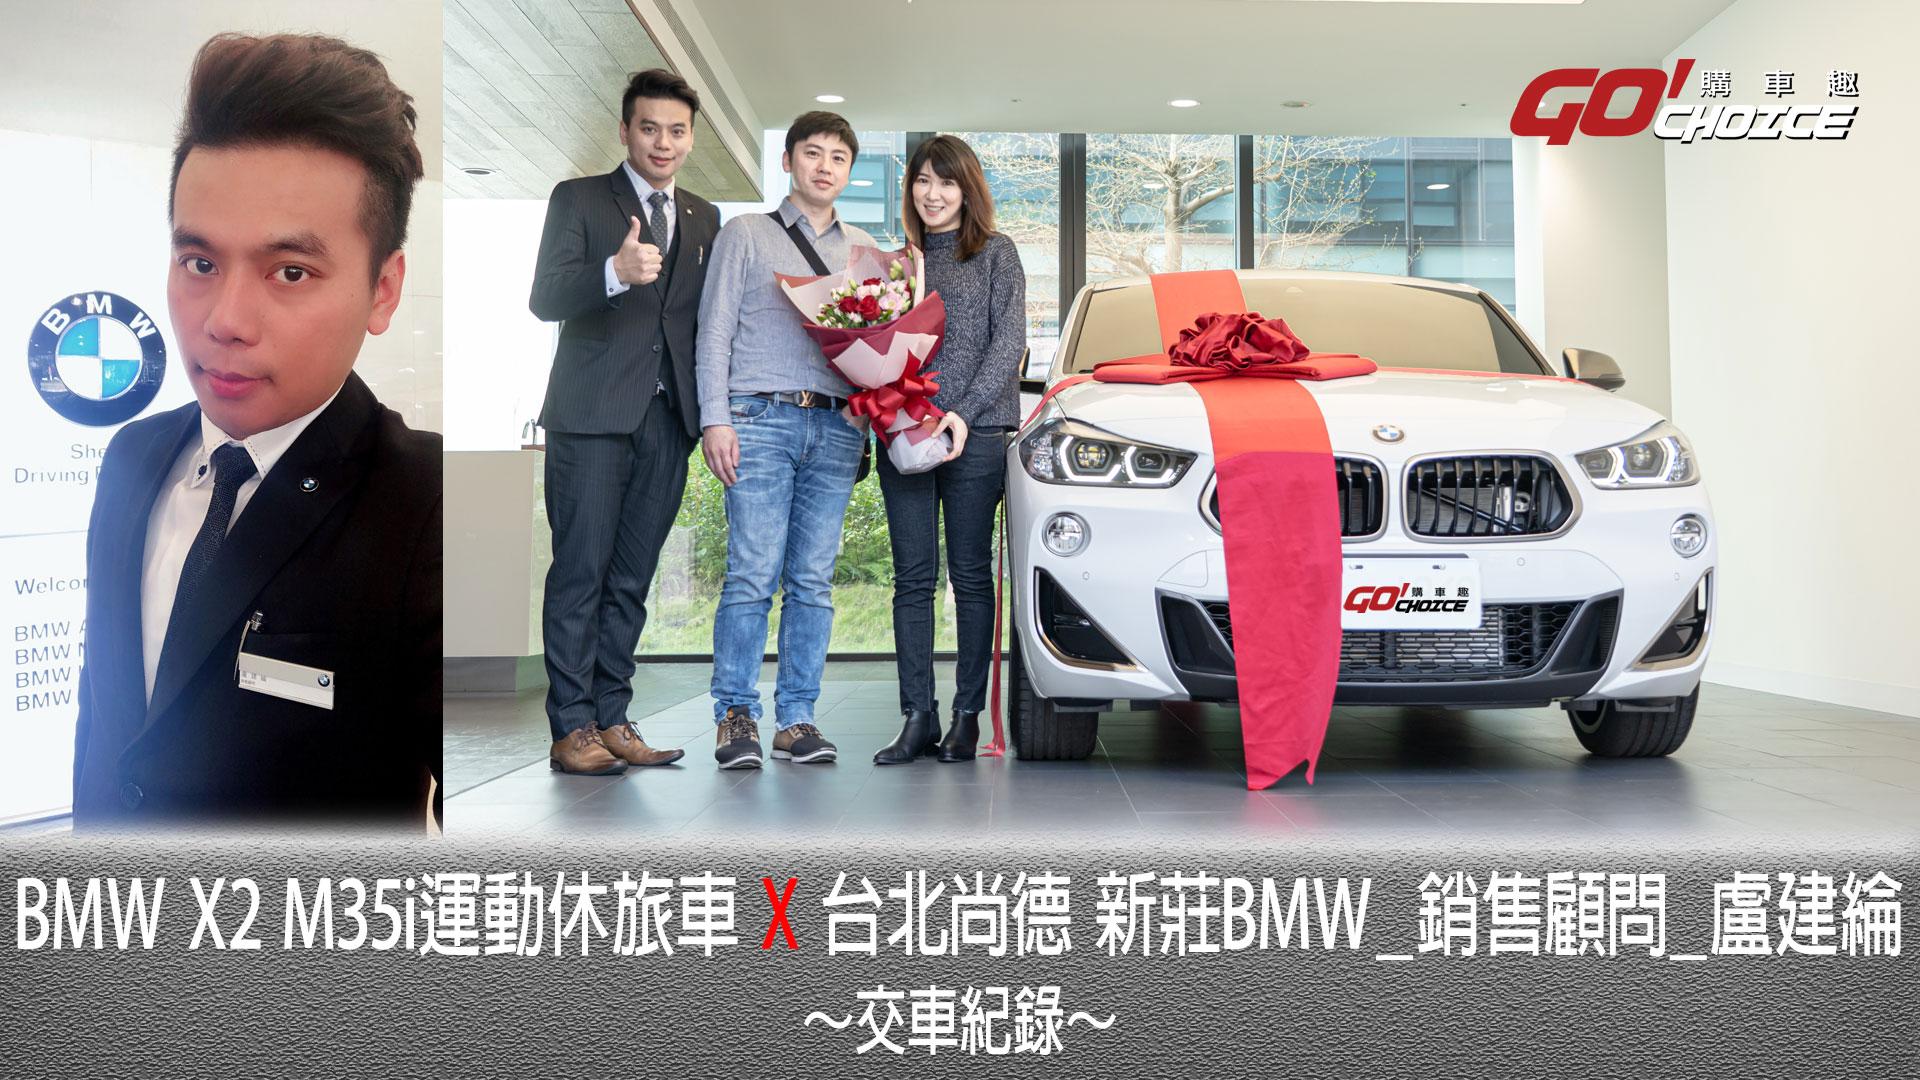 交車紀錄影片-BMW X2 M35i運動休旅車_台北尚德 新莊BMW_銷售顧問_盧建綸